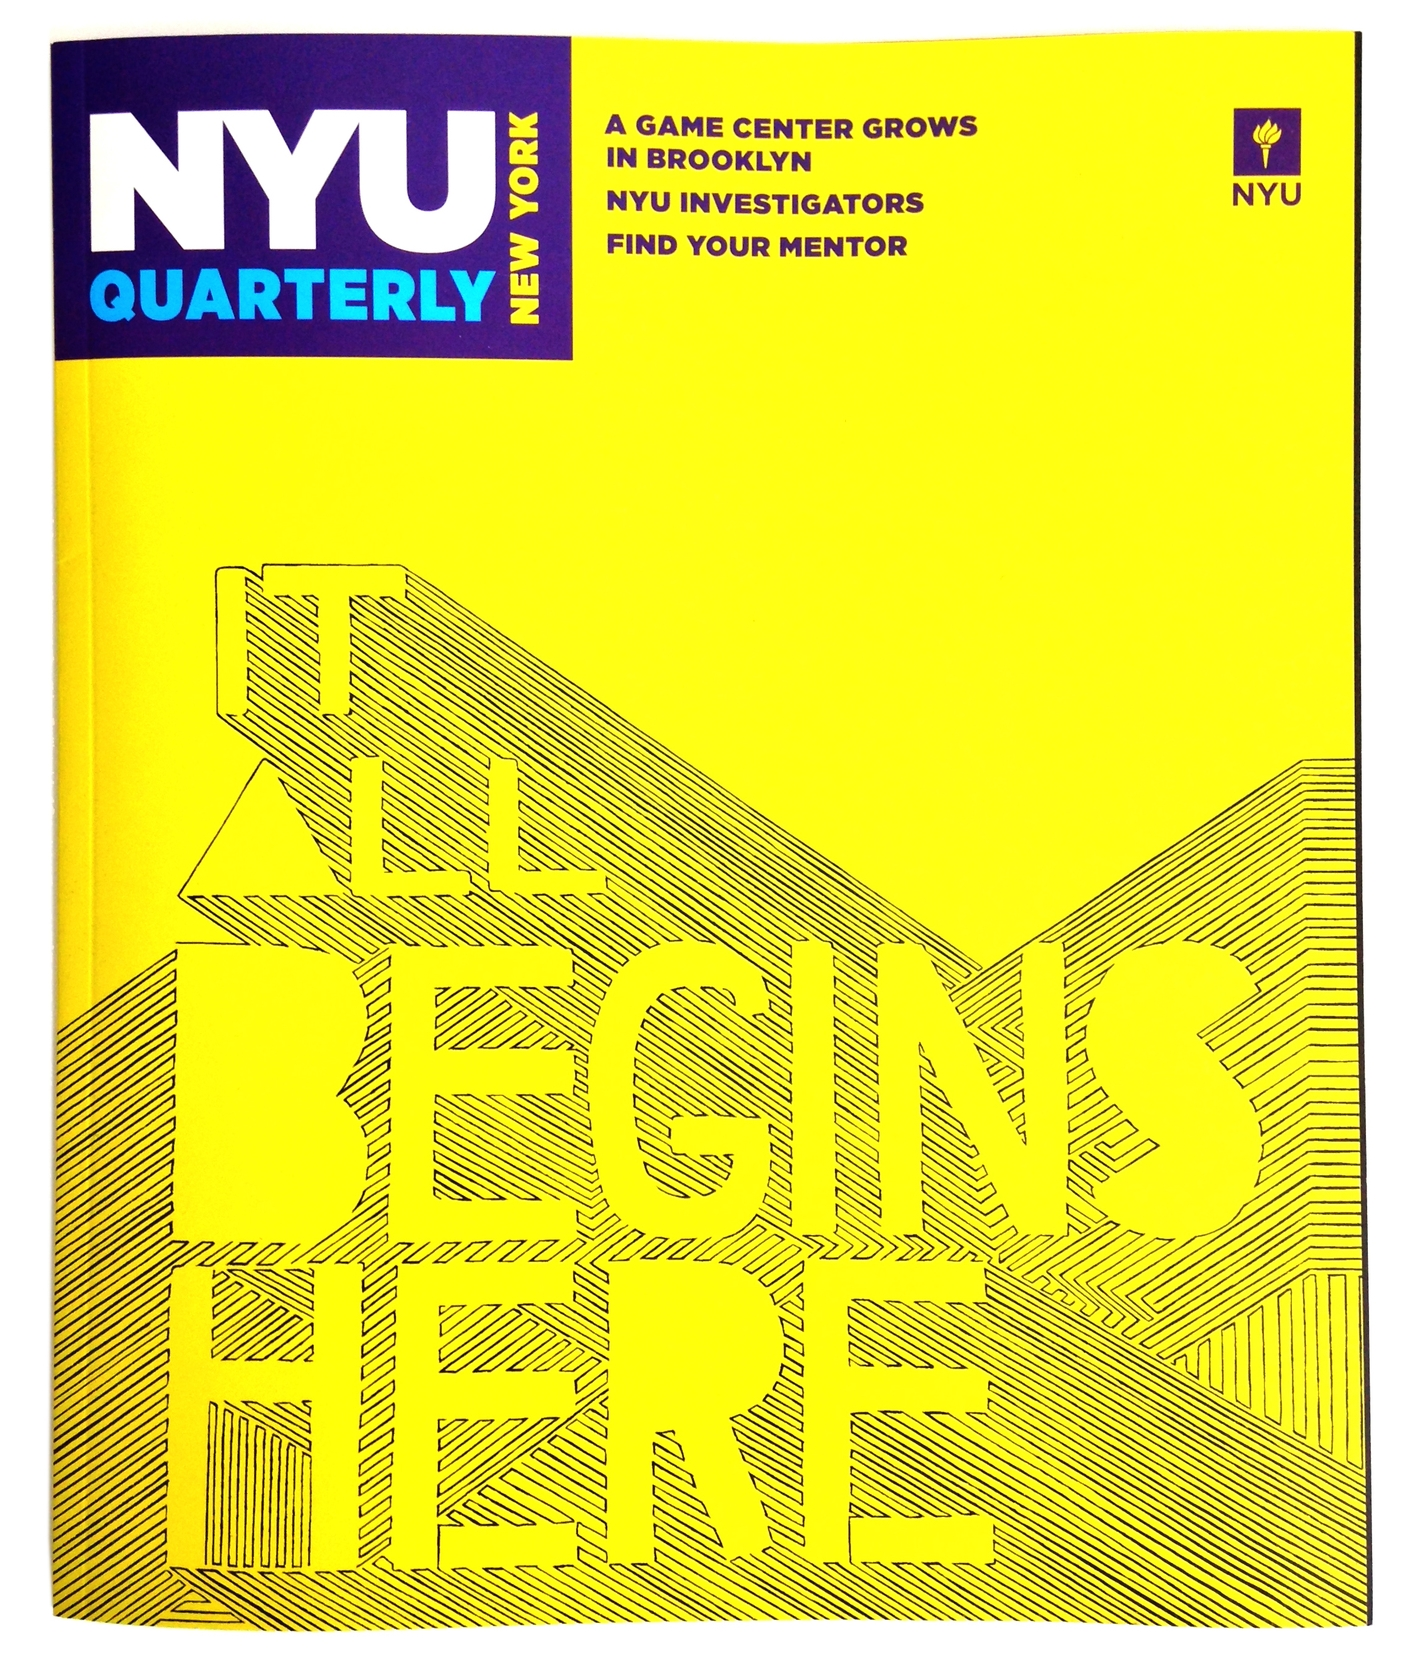 NYU_coverphto3.jpg